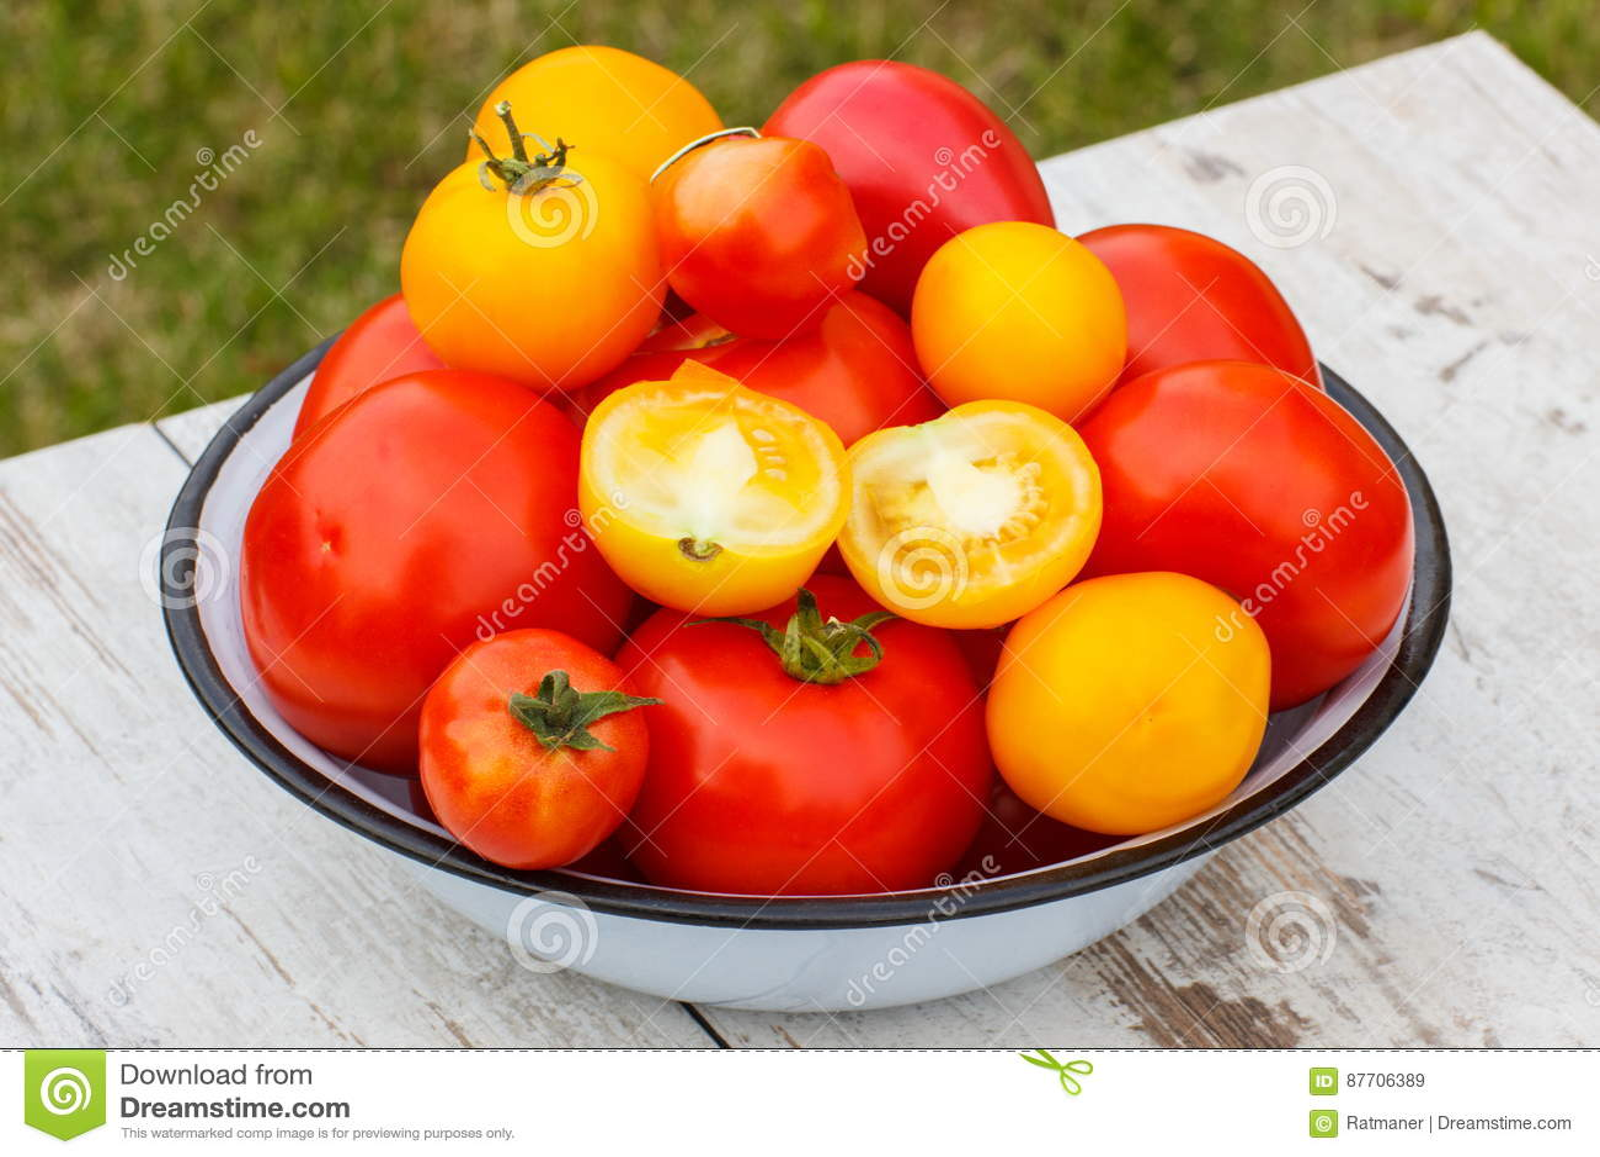 Les tomates en métal roulent dans le jardin le jour ensoleillé